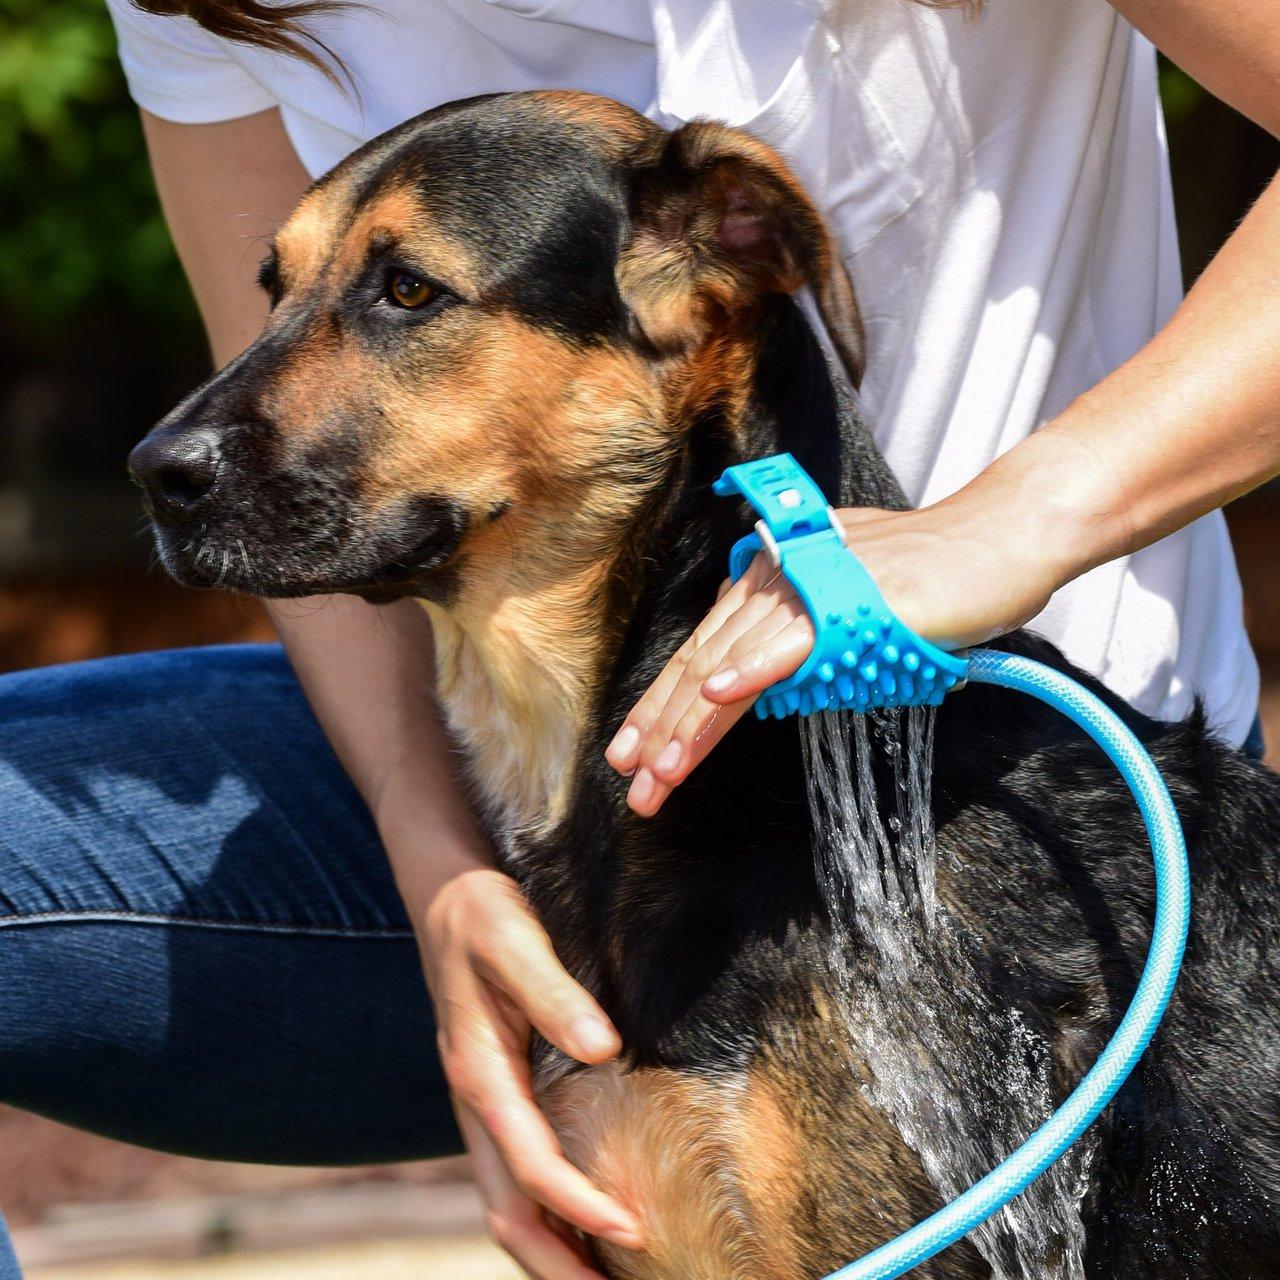 Aquapaw Pet Bathing Glove